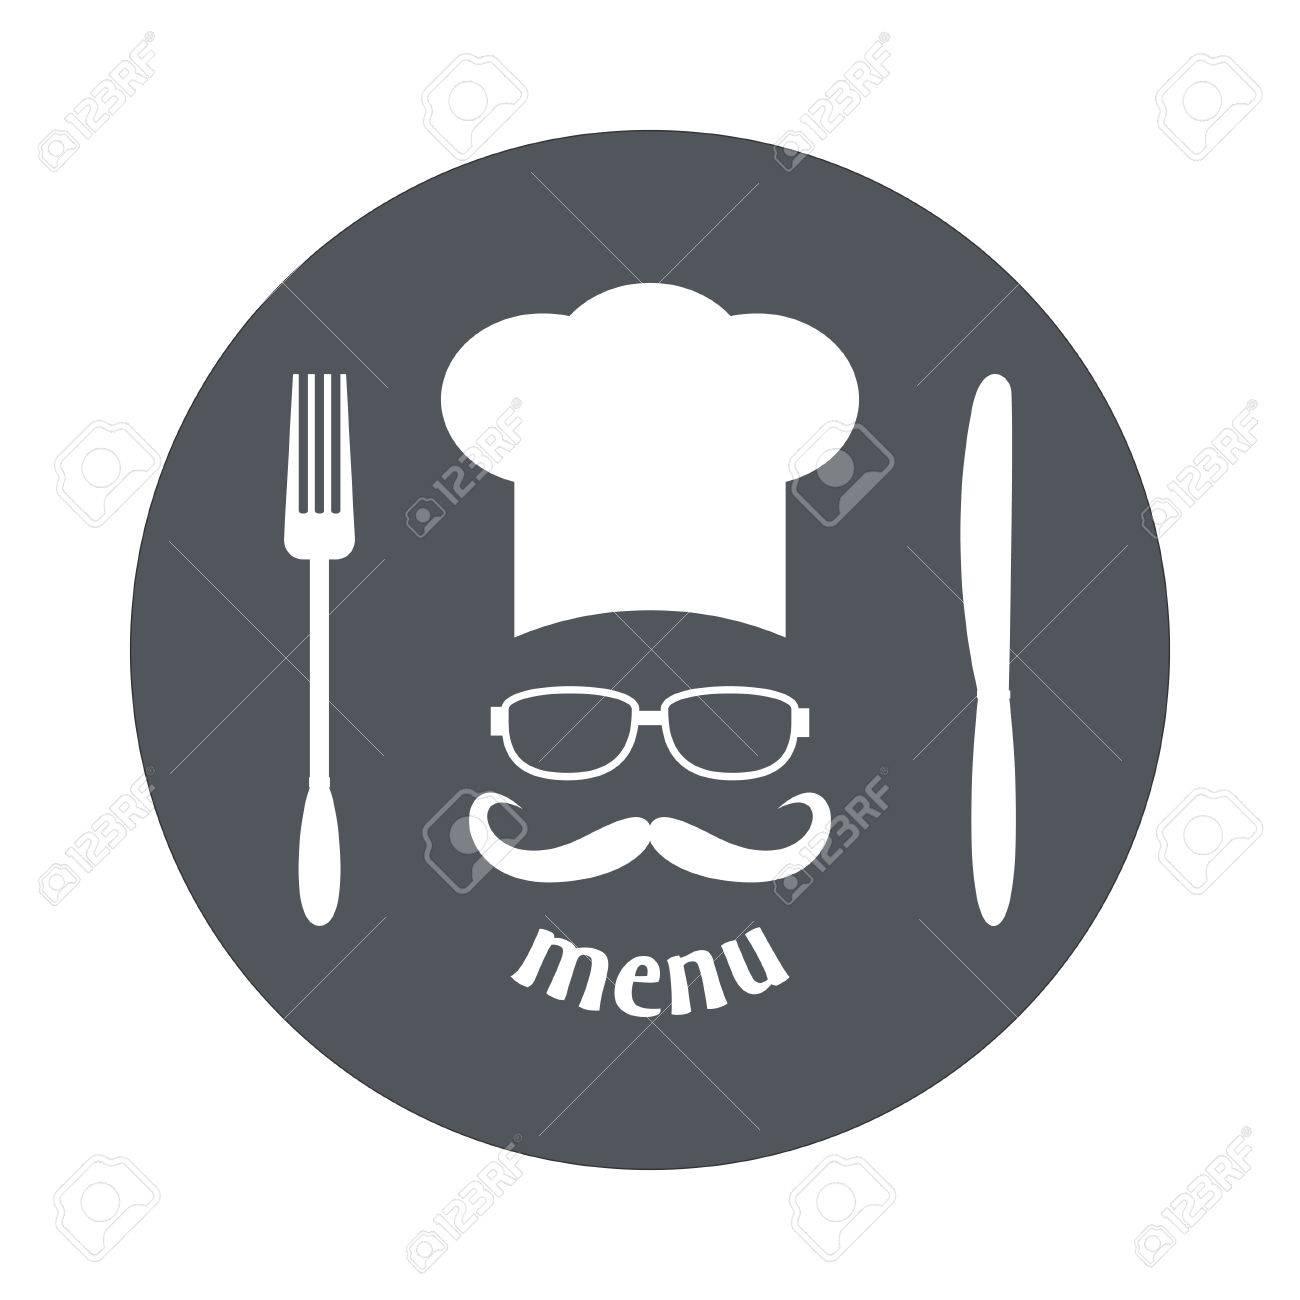 Banque d images - Chapeau de chef Hipster avec la moustache et des lunettes.  Foods Service icône ronde. Simple plat illustration vectorielle, EPS 10. e1f59bed53bb